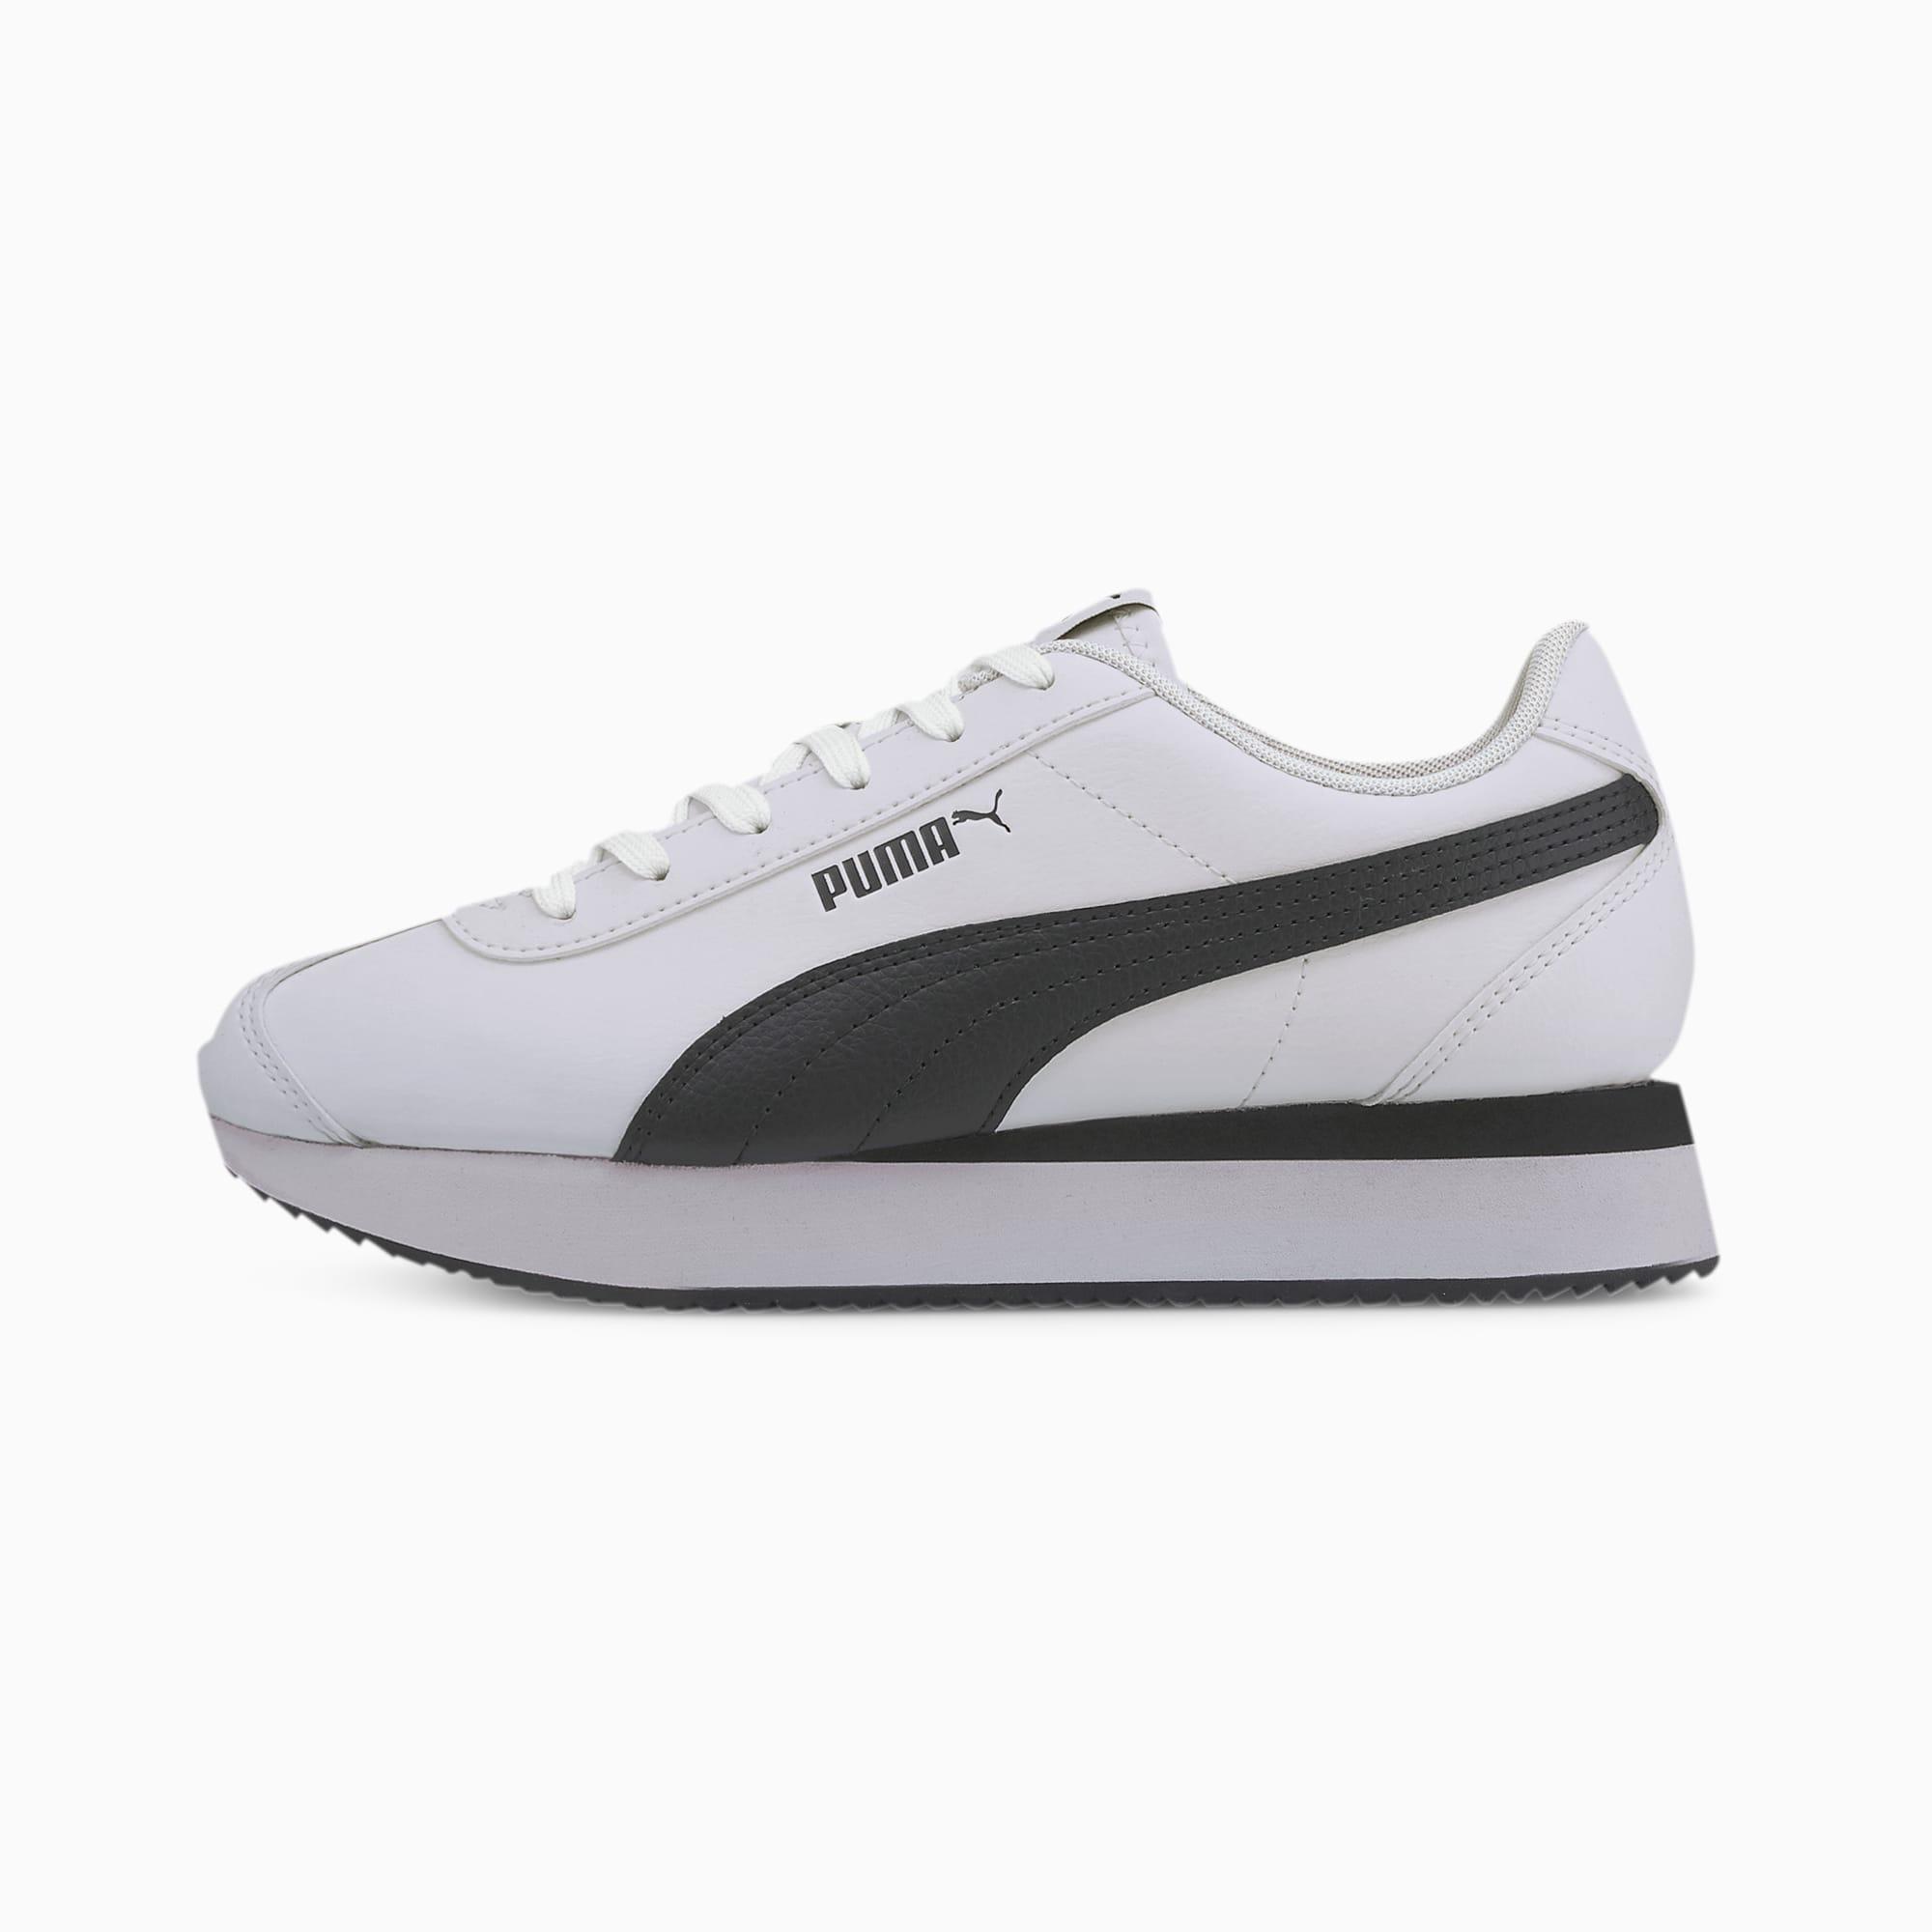 check code giày puma